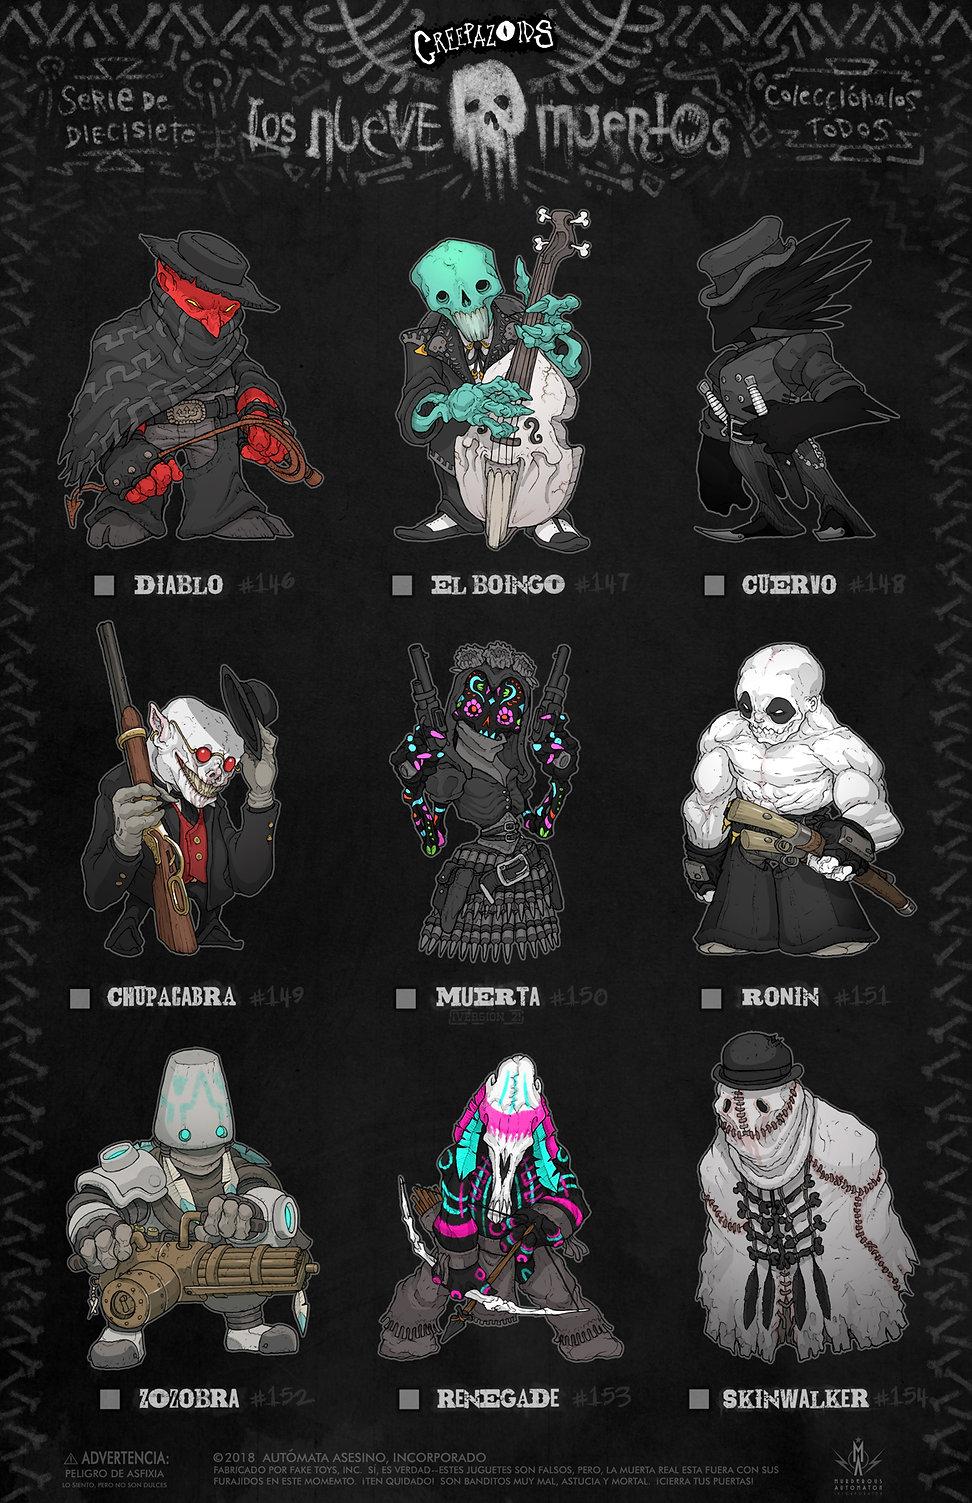 17 Creepazoids--Los Nueve Muertos.jpg